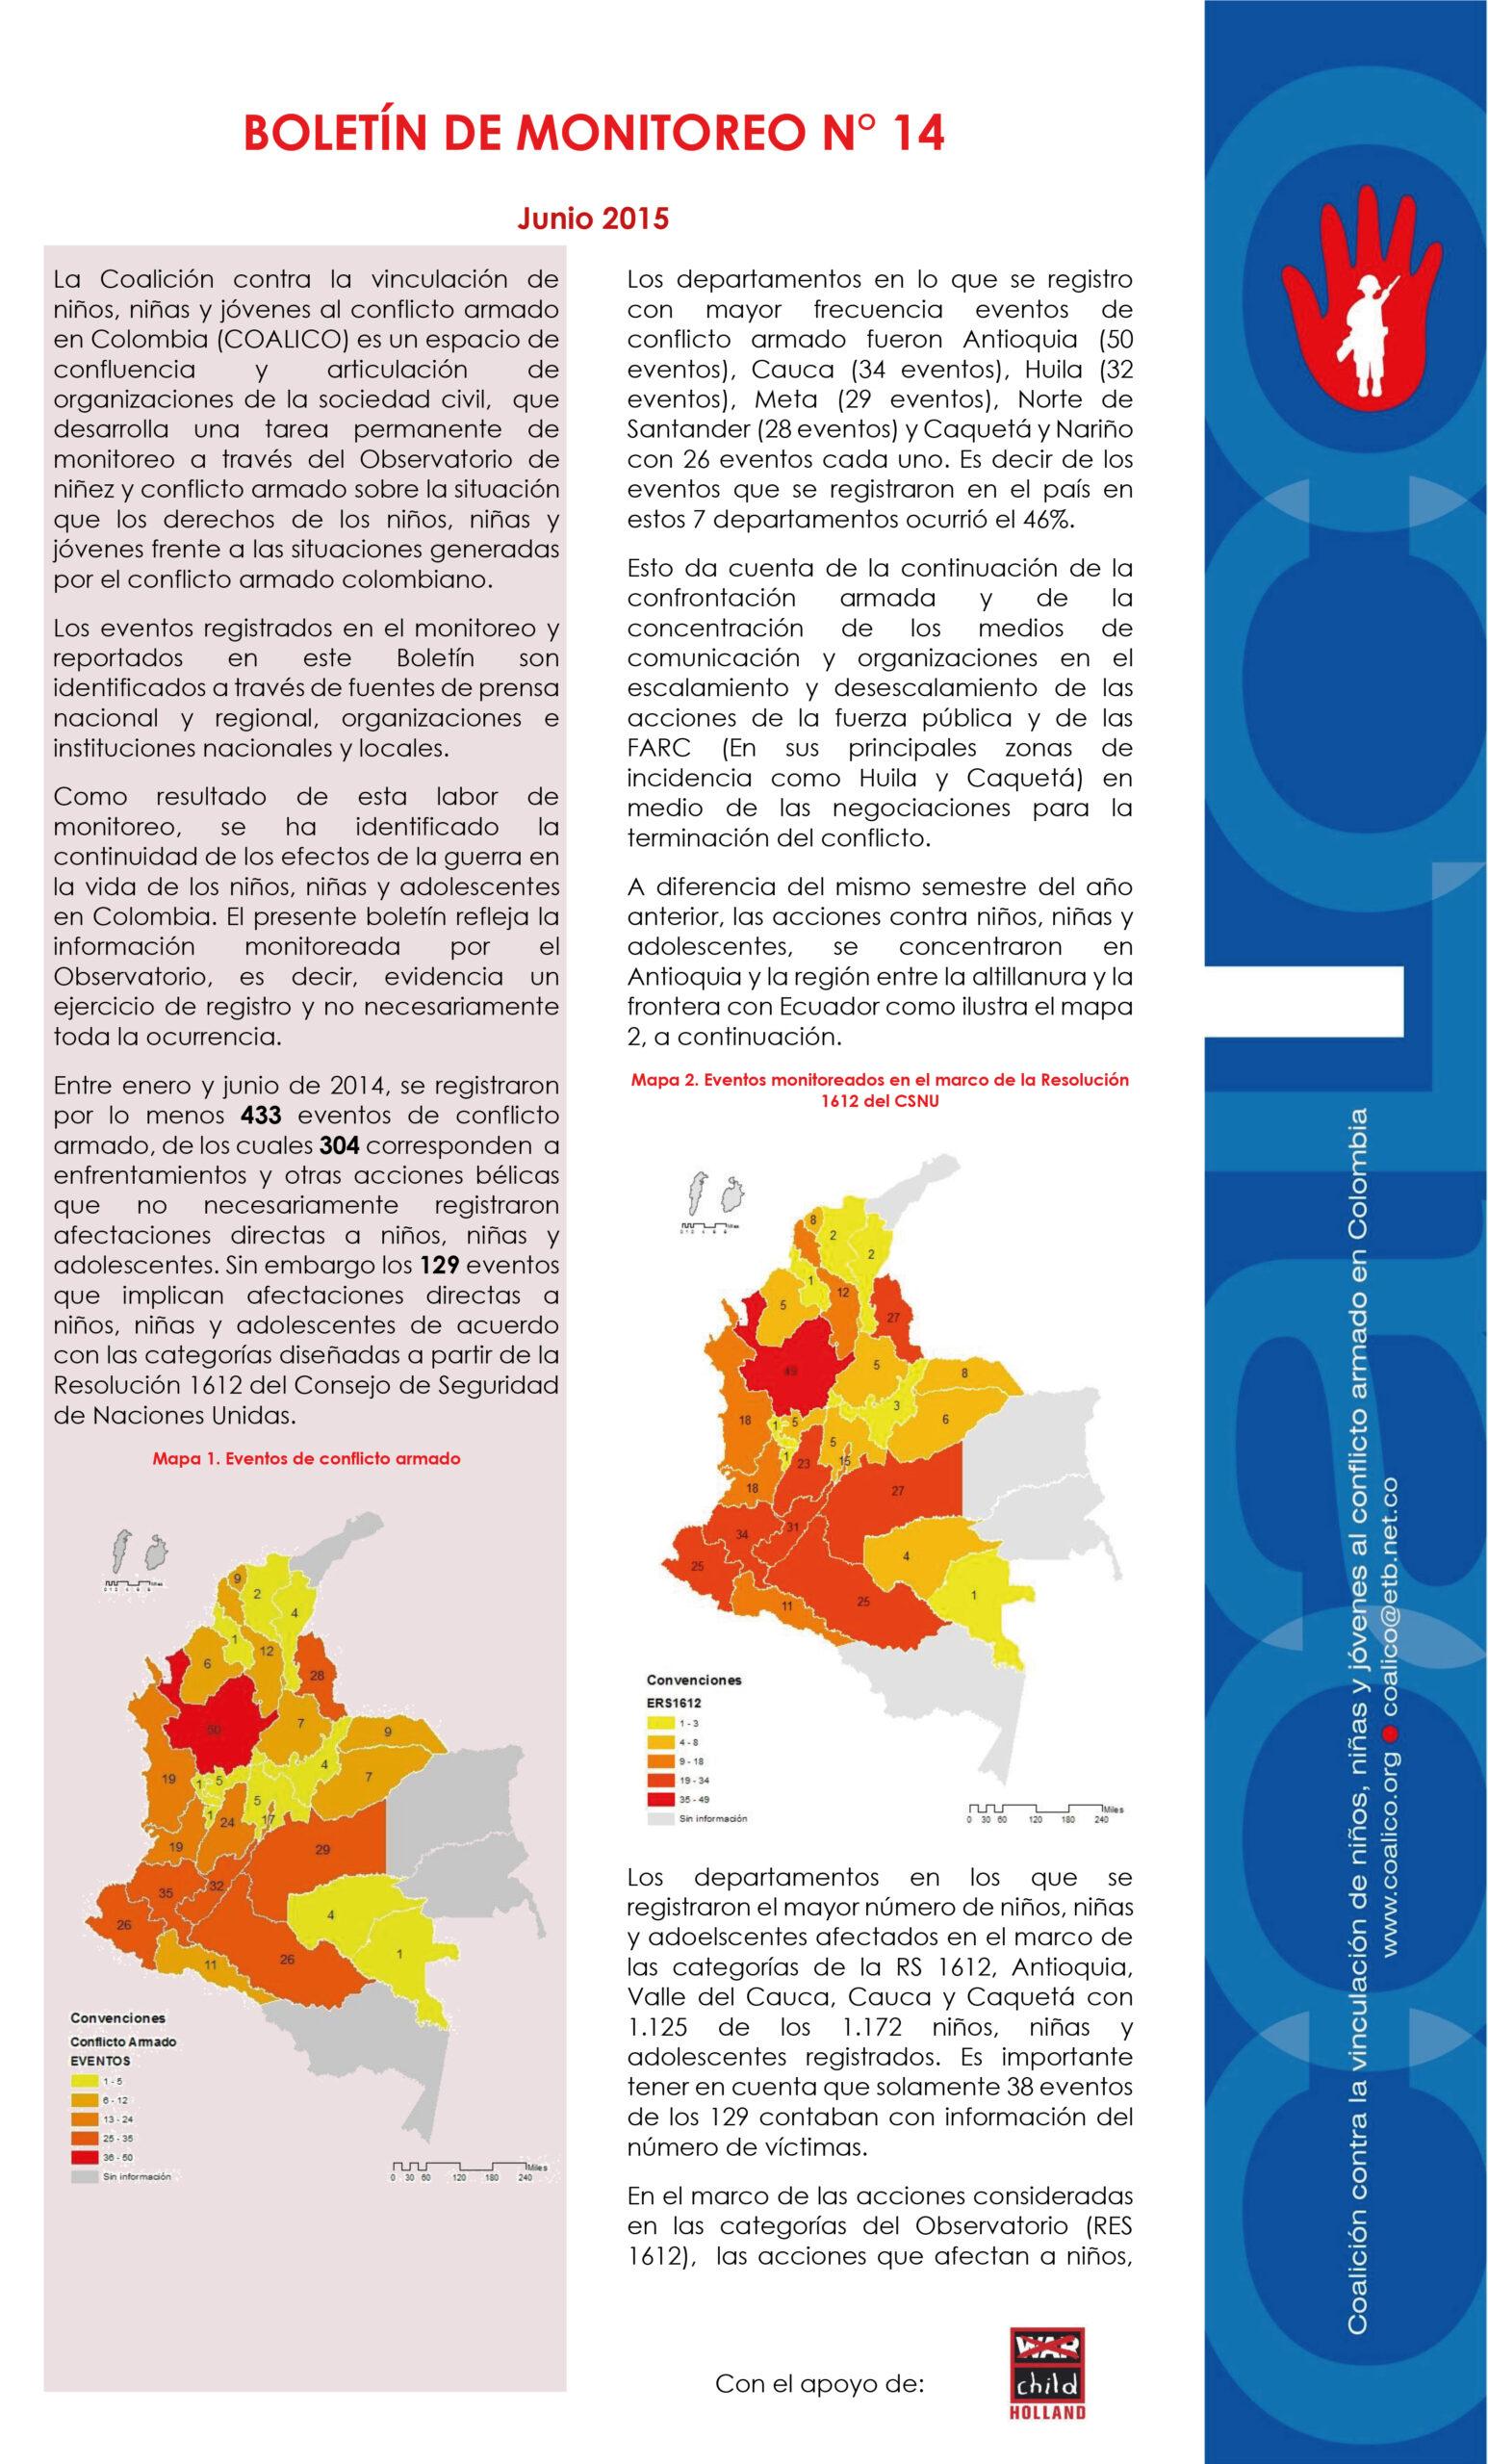 Boletín de monitoreo N° 14: Niñez y conflicto armado en Colombia.